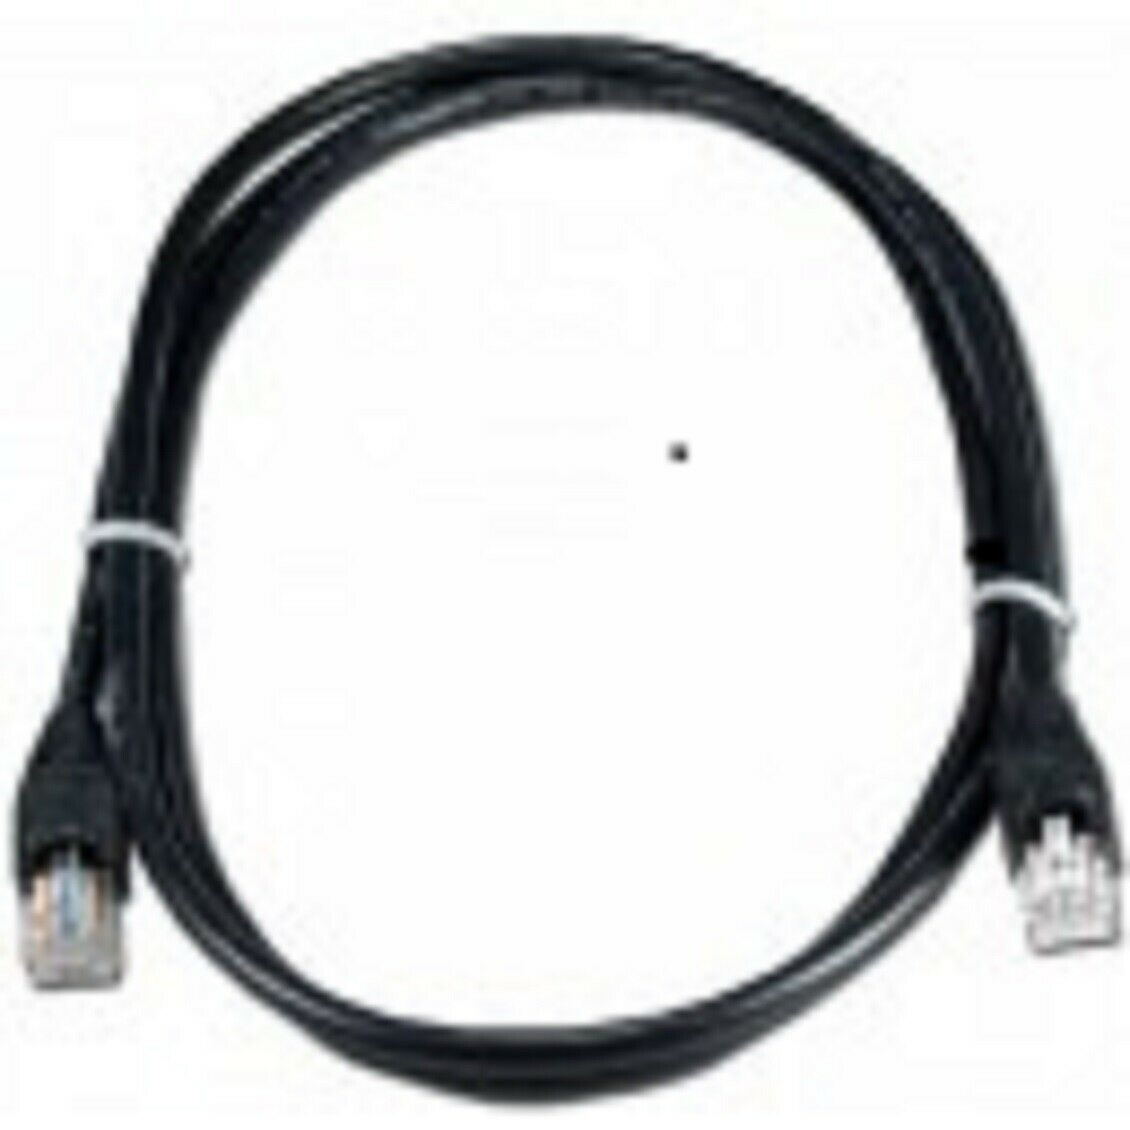 Ethernet Cable Cat5e Network RJ45 LAN Patch Lead Wholesale 2 m Black (076)